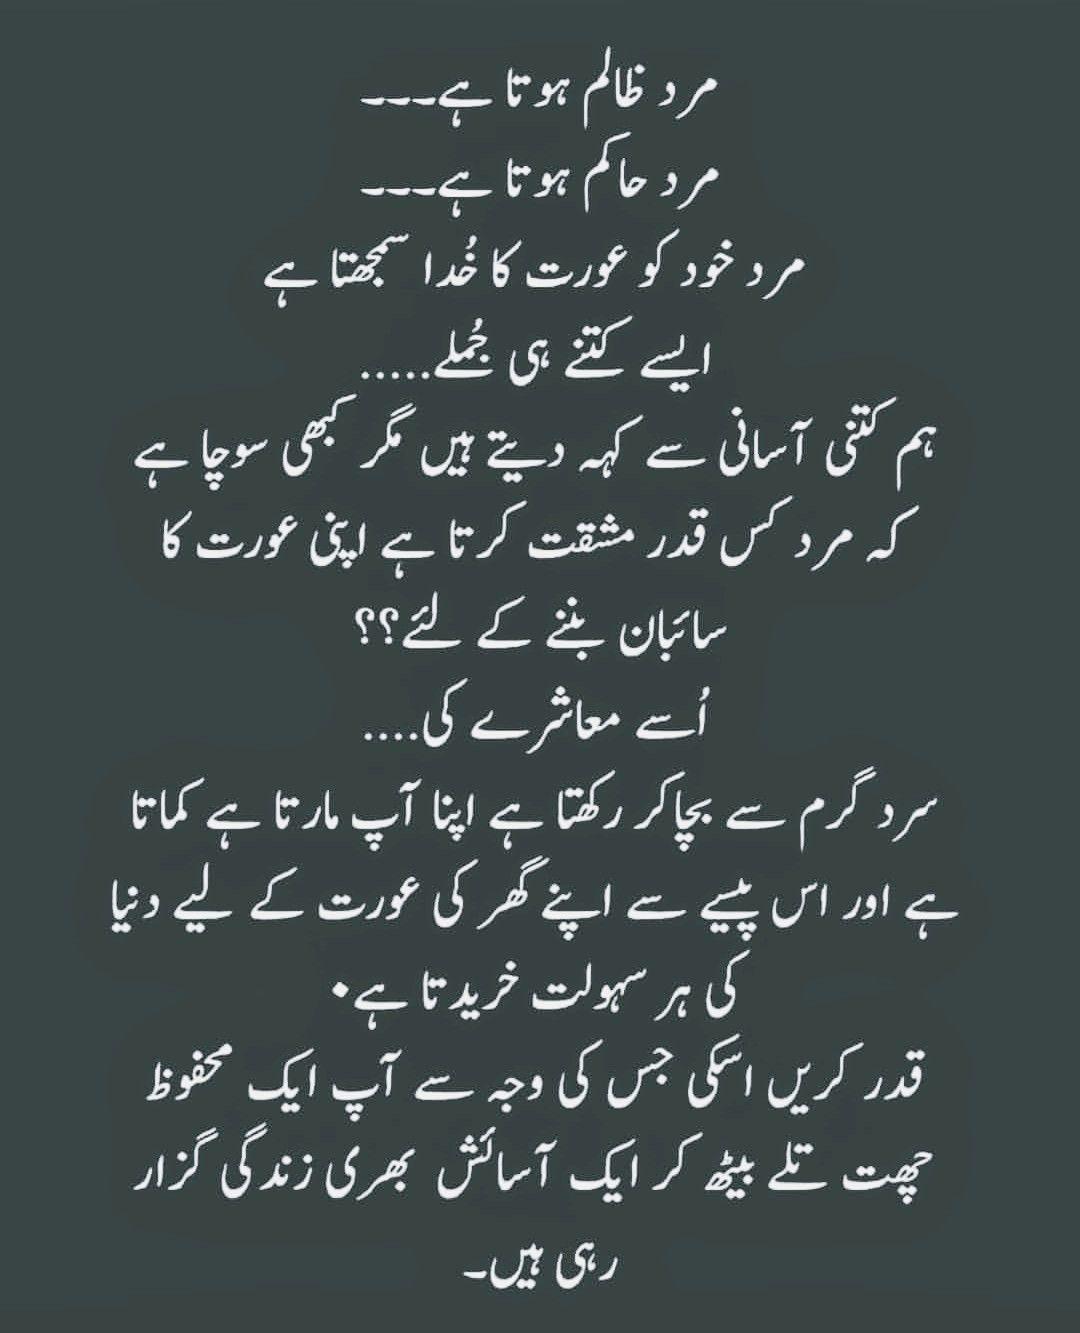 Mard   ♥ | pearls shine | Urdu quotes, Islamic quotes, Urdu